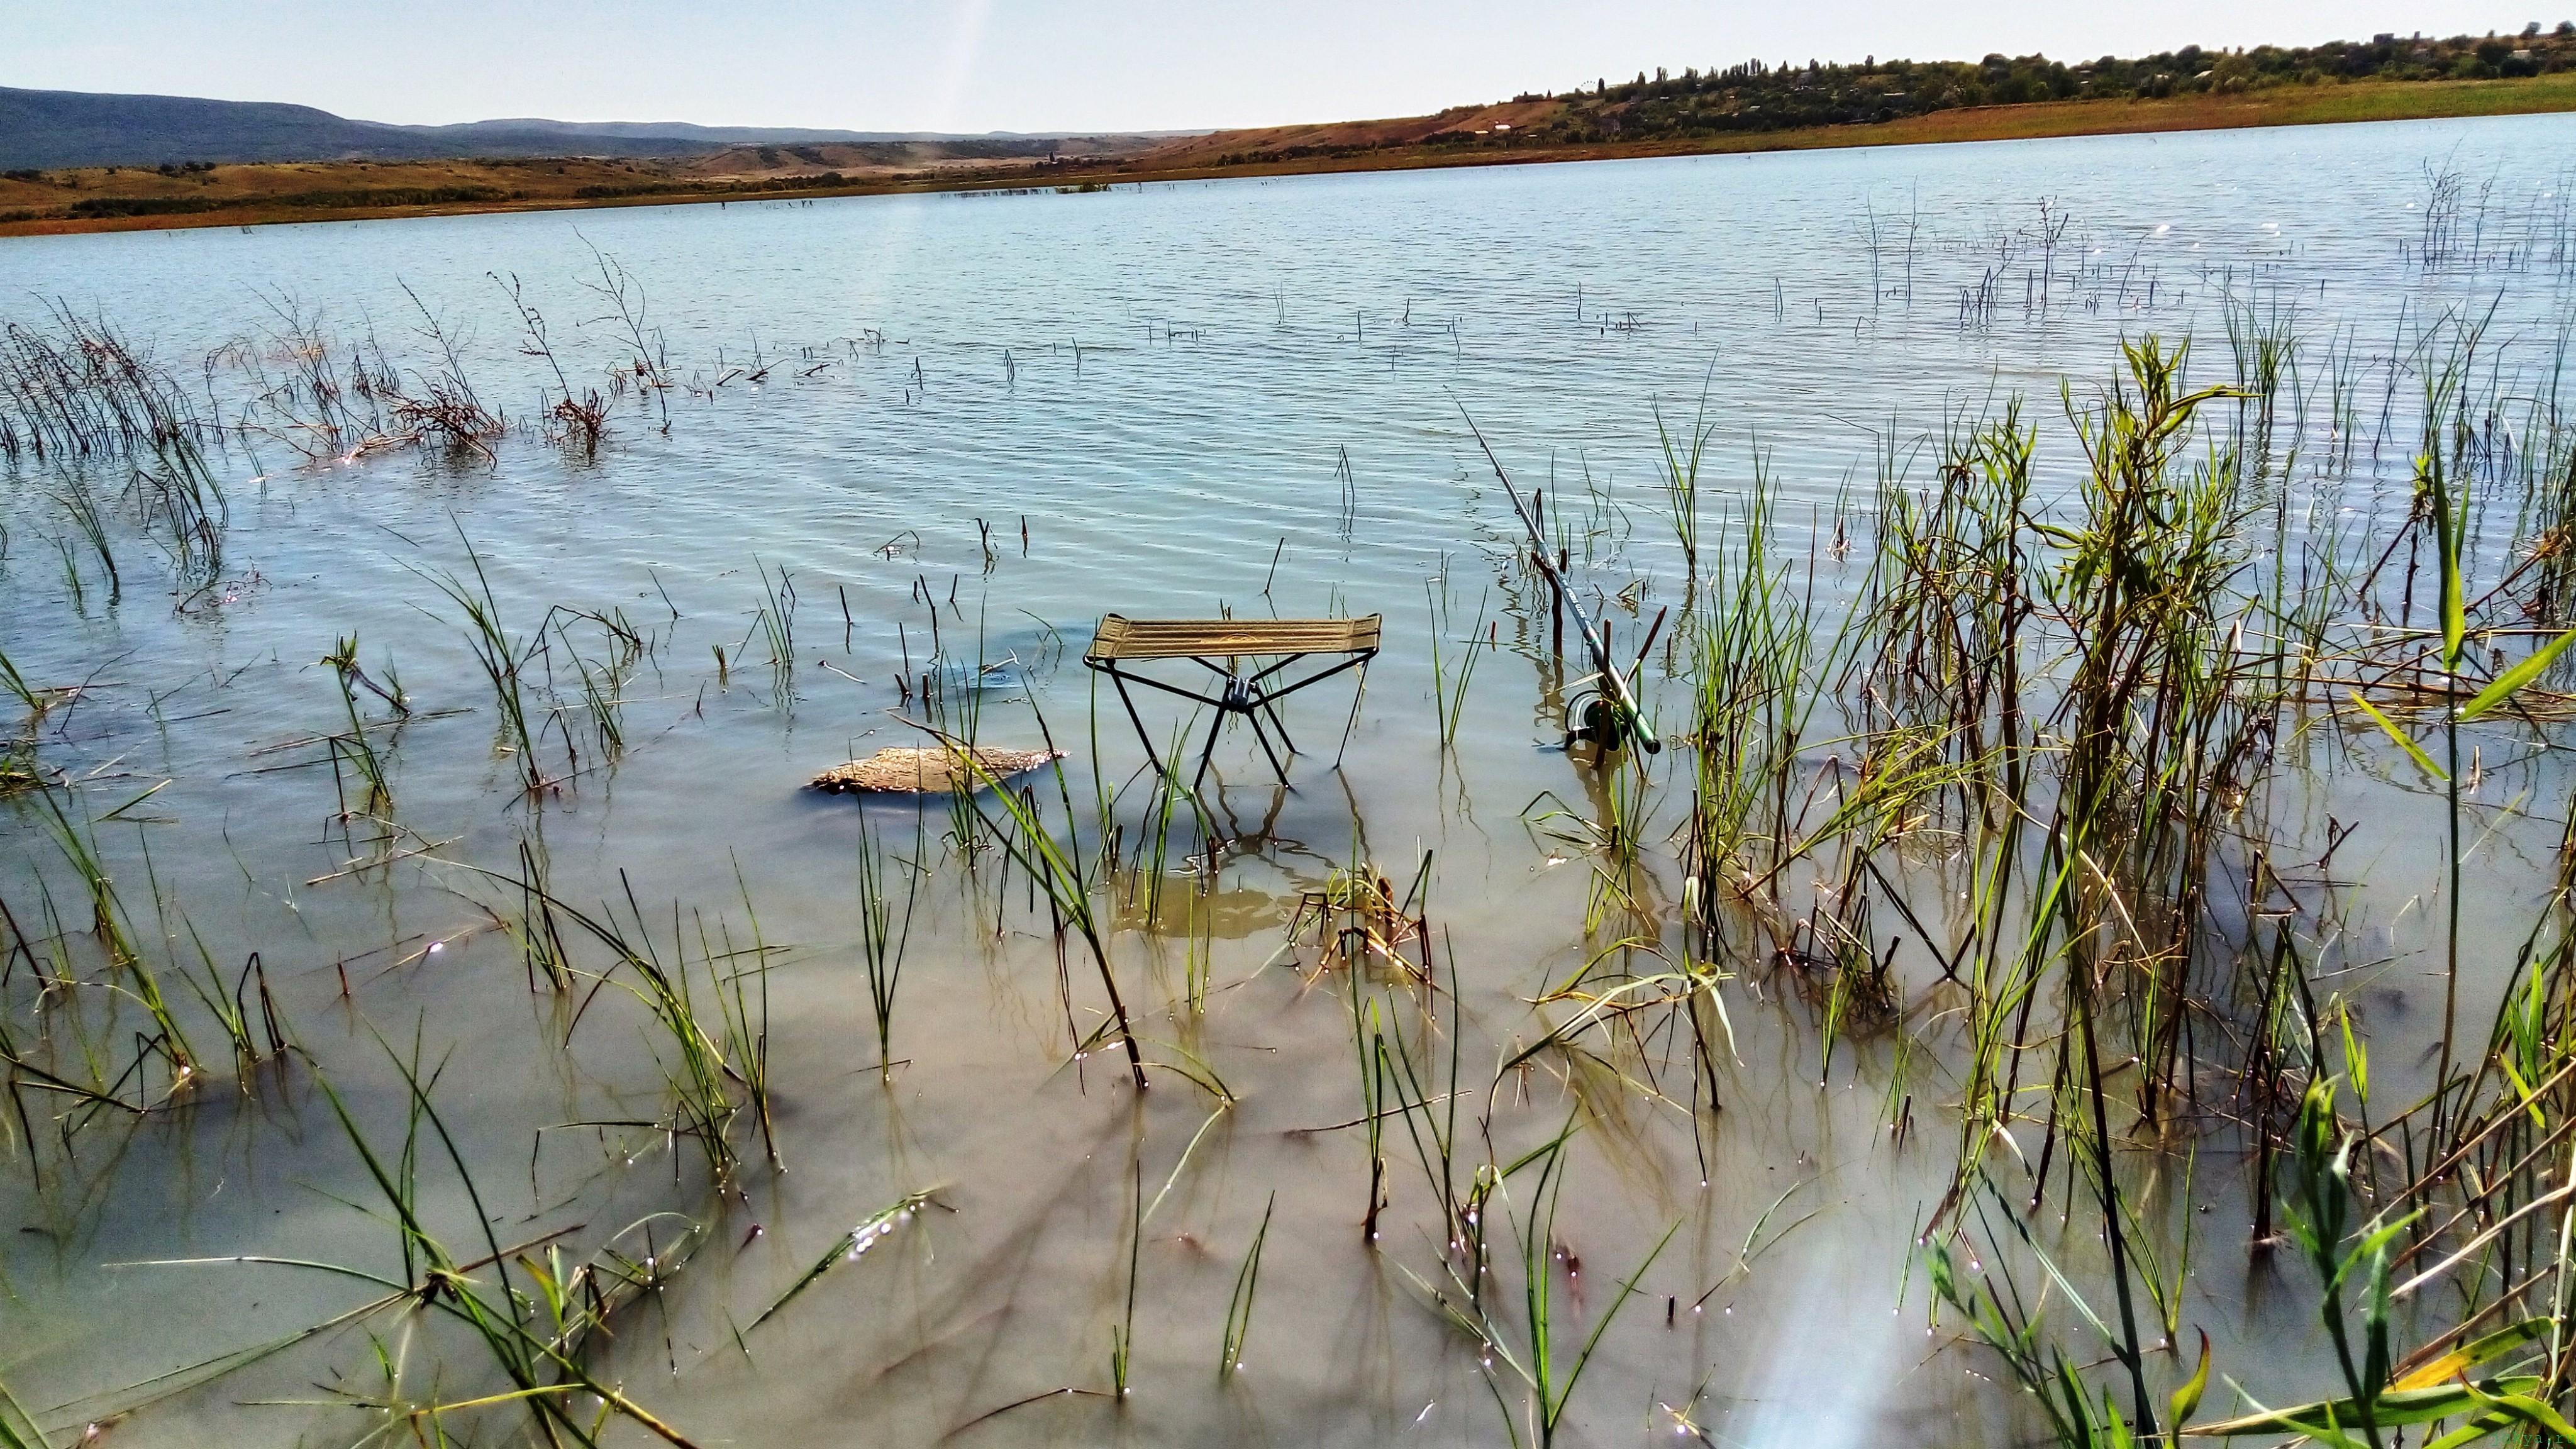 Ловля леща летом на удочку с берега рыбалка фото заметка из моей реальности в Крыму jokya.ru